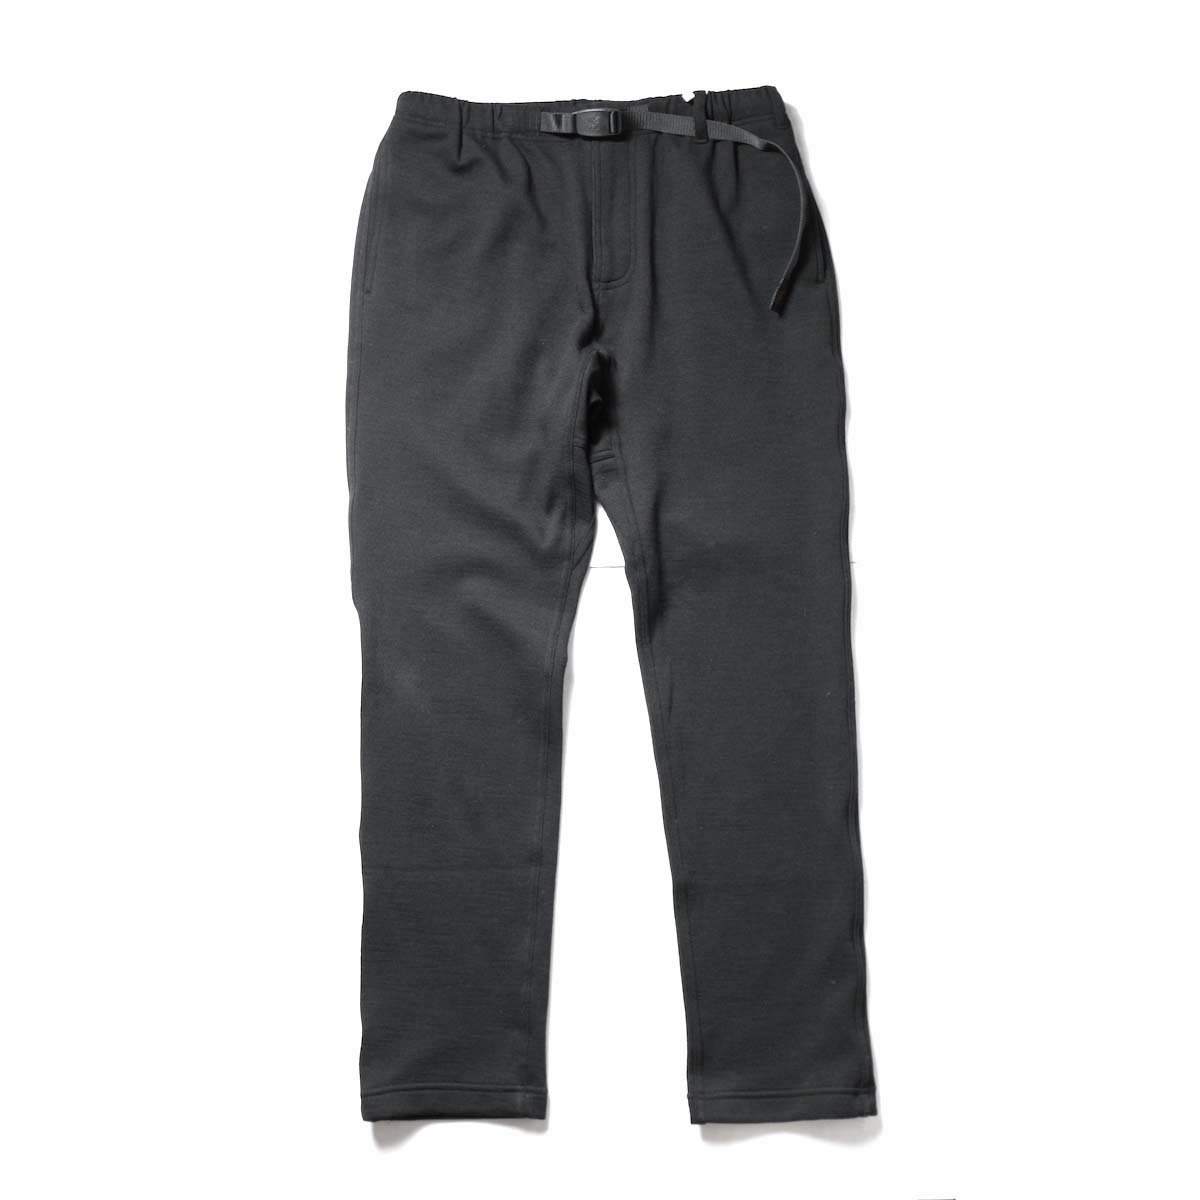 GRAMICCI / COOLMAX NN-PANTS TIGHTFIT (Black)